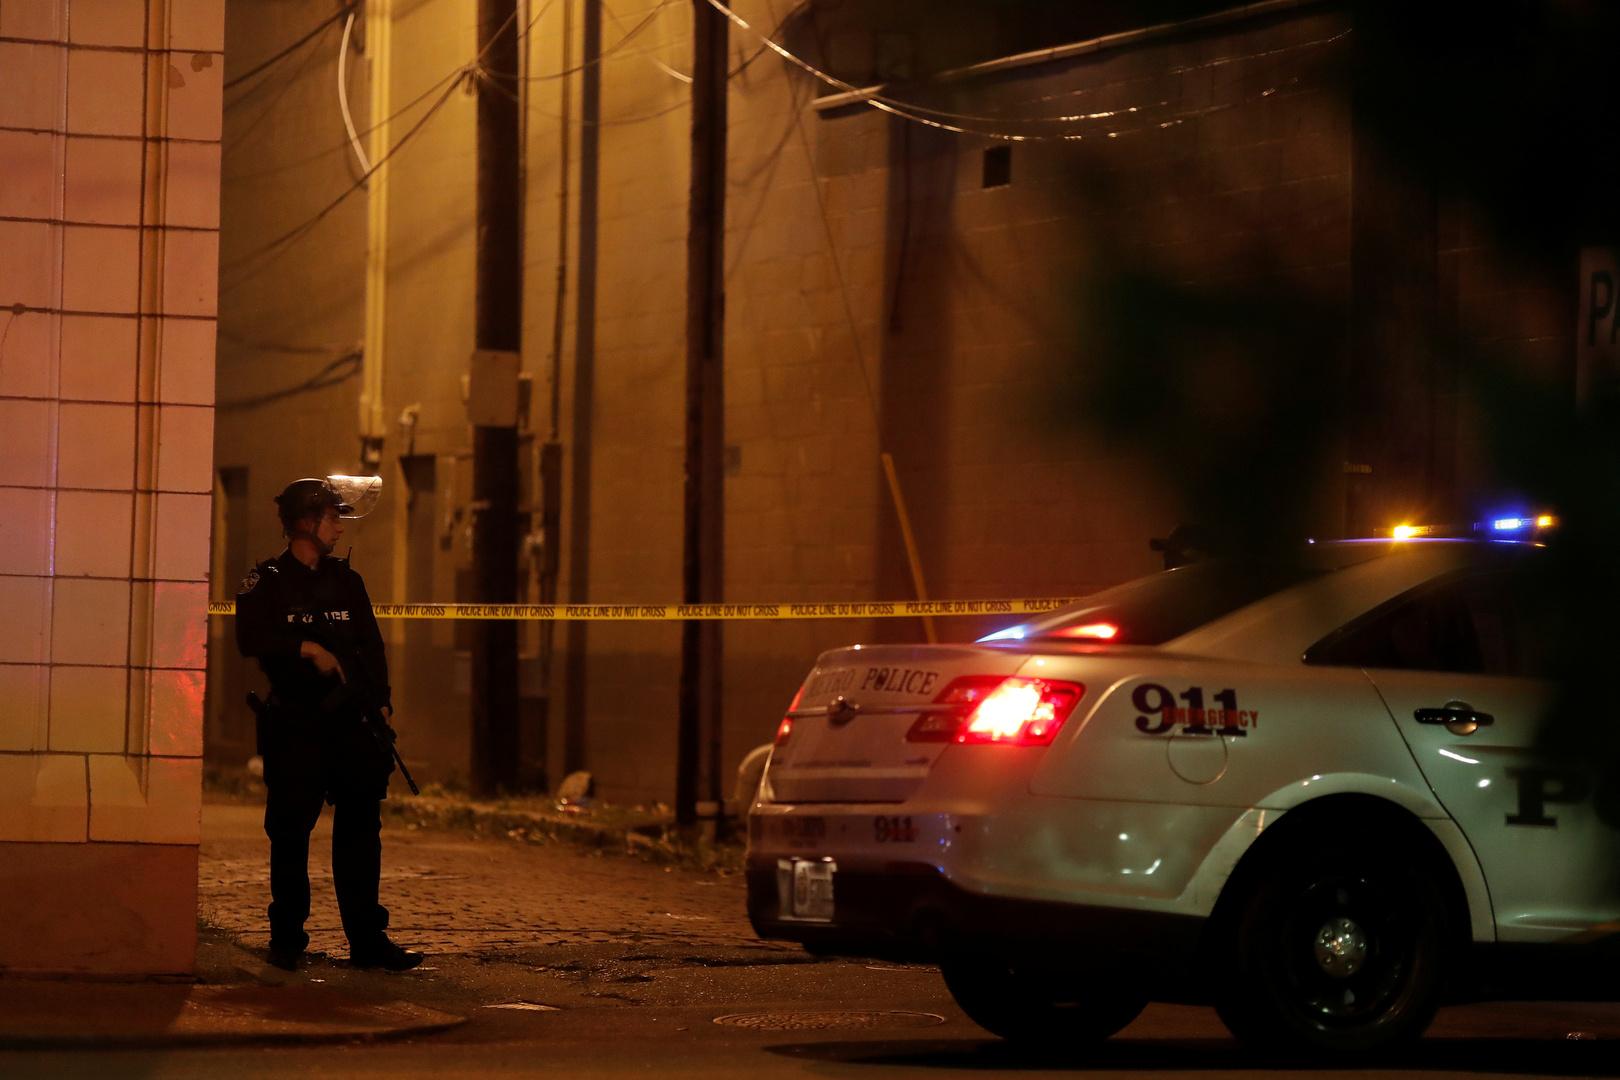 قتيل وجريحان جراء إطلاق نار  بمركز تجاري في ماريلاند الأمريكية